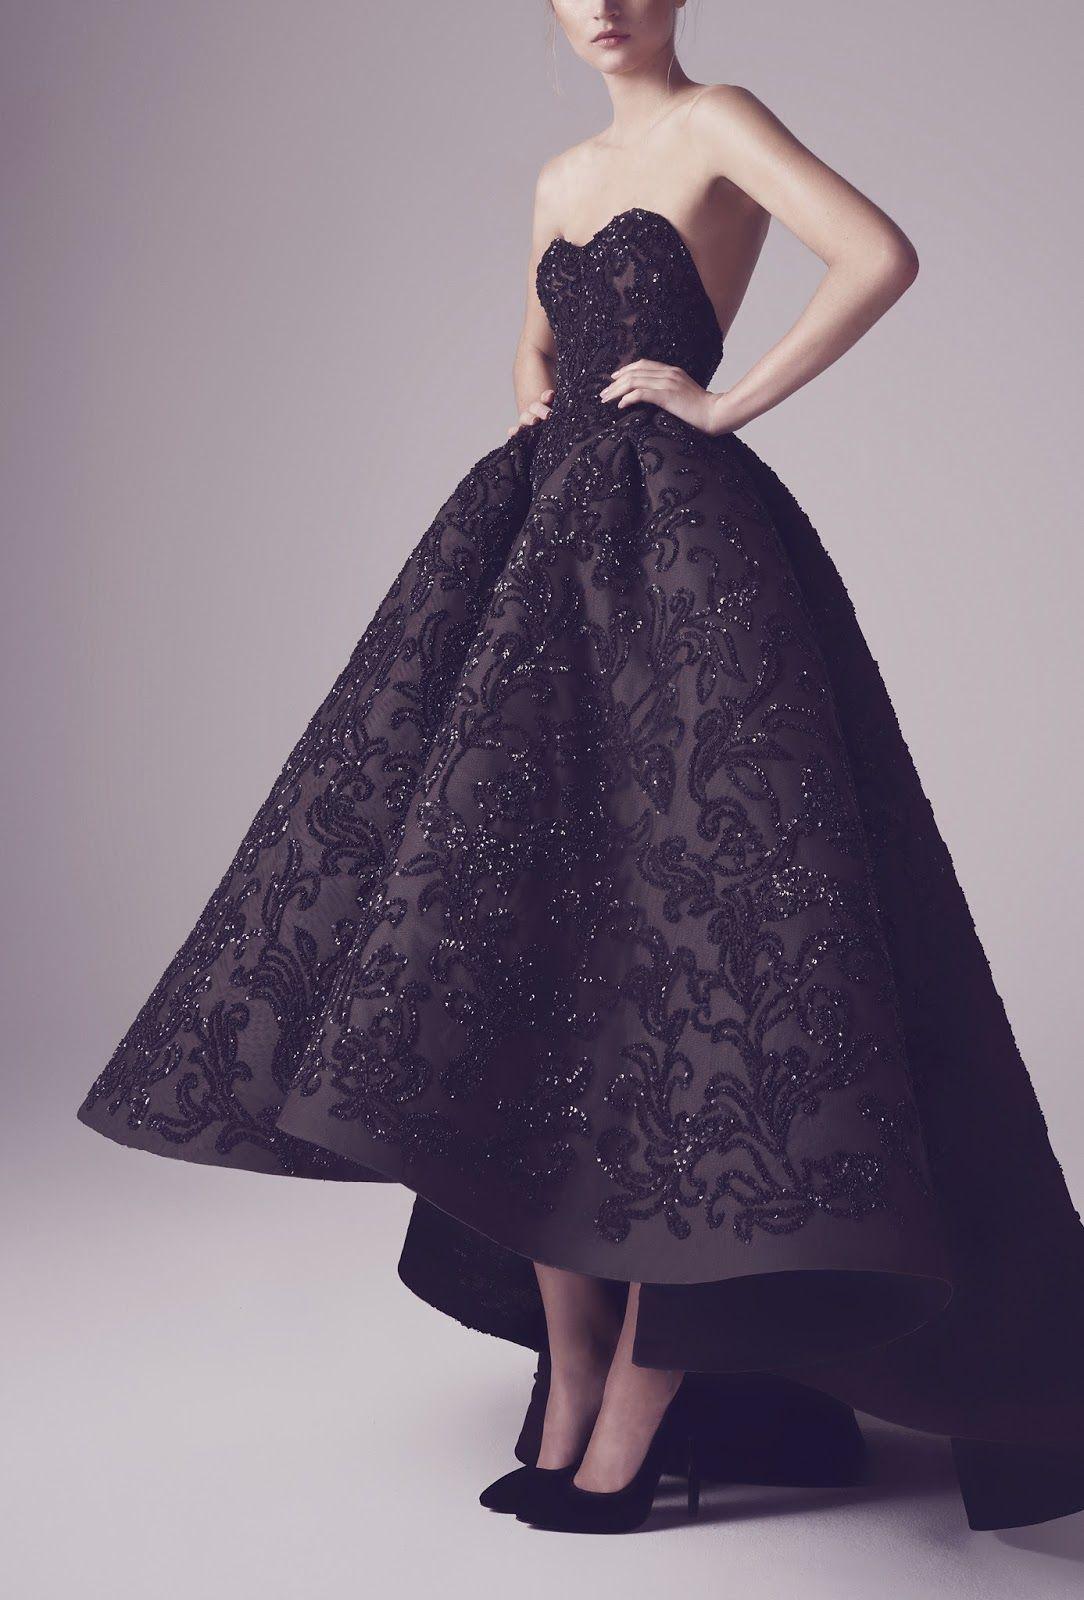 http://www.fashforfashion.com/ | Fashion for life | Pinterest ...